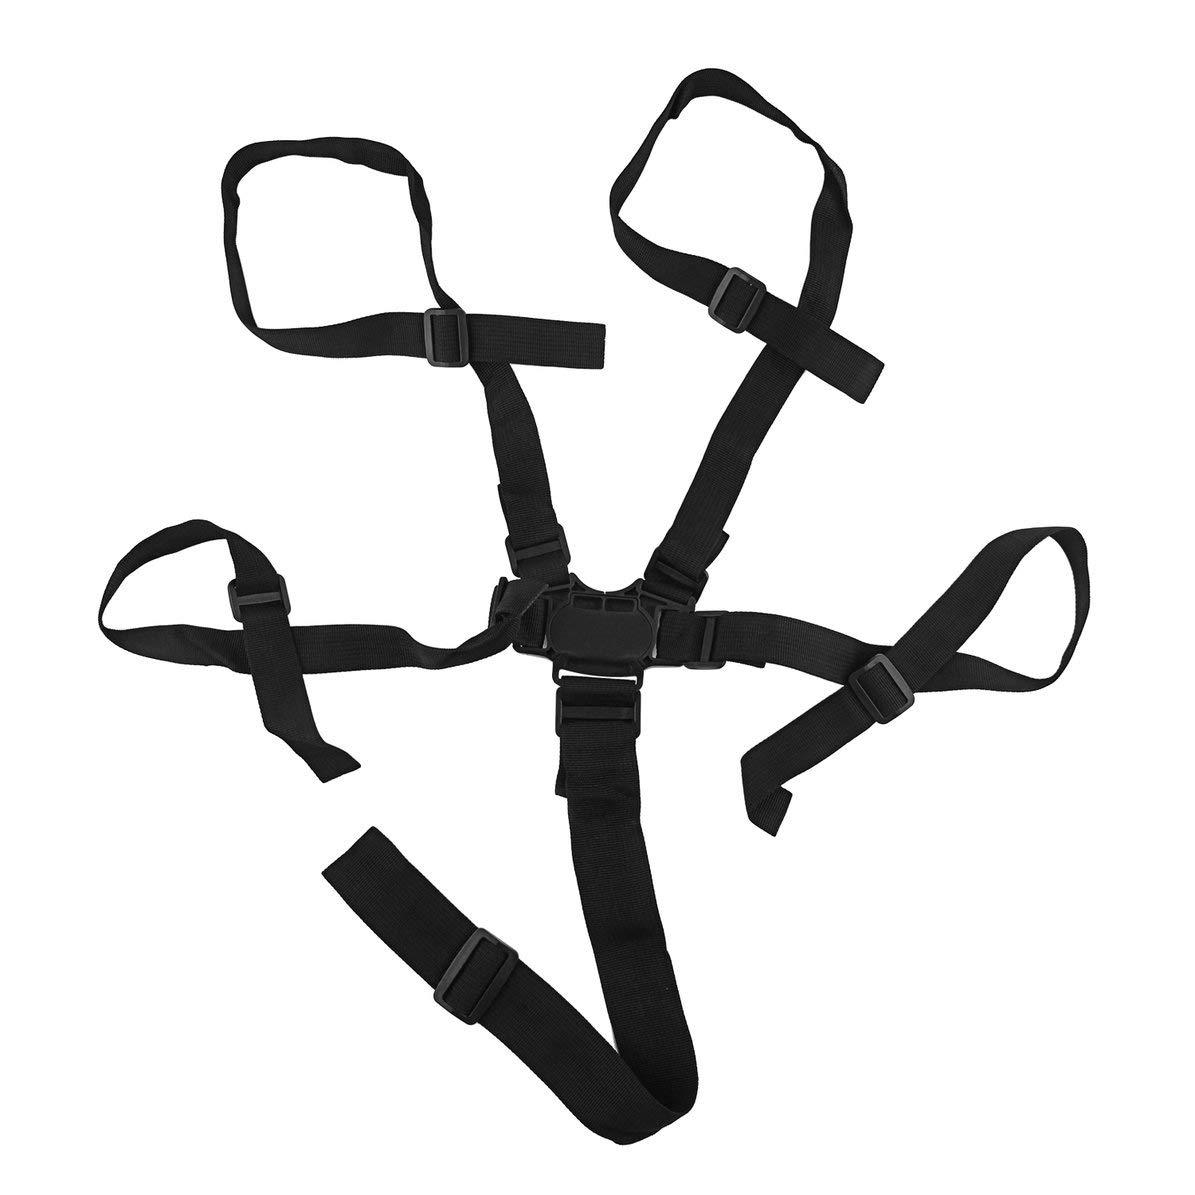 Universal Baby 5 Points Harnais Safe Ceinture B/éb/é Chaise Ceinture De S/écurit/é Haute Qualit/é /À Manger Chaise Chaise Bandage Ceinture De S/écurit/é noir WEIWEITOE